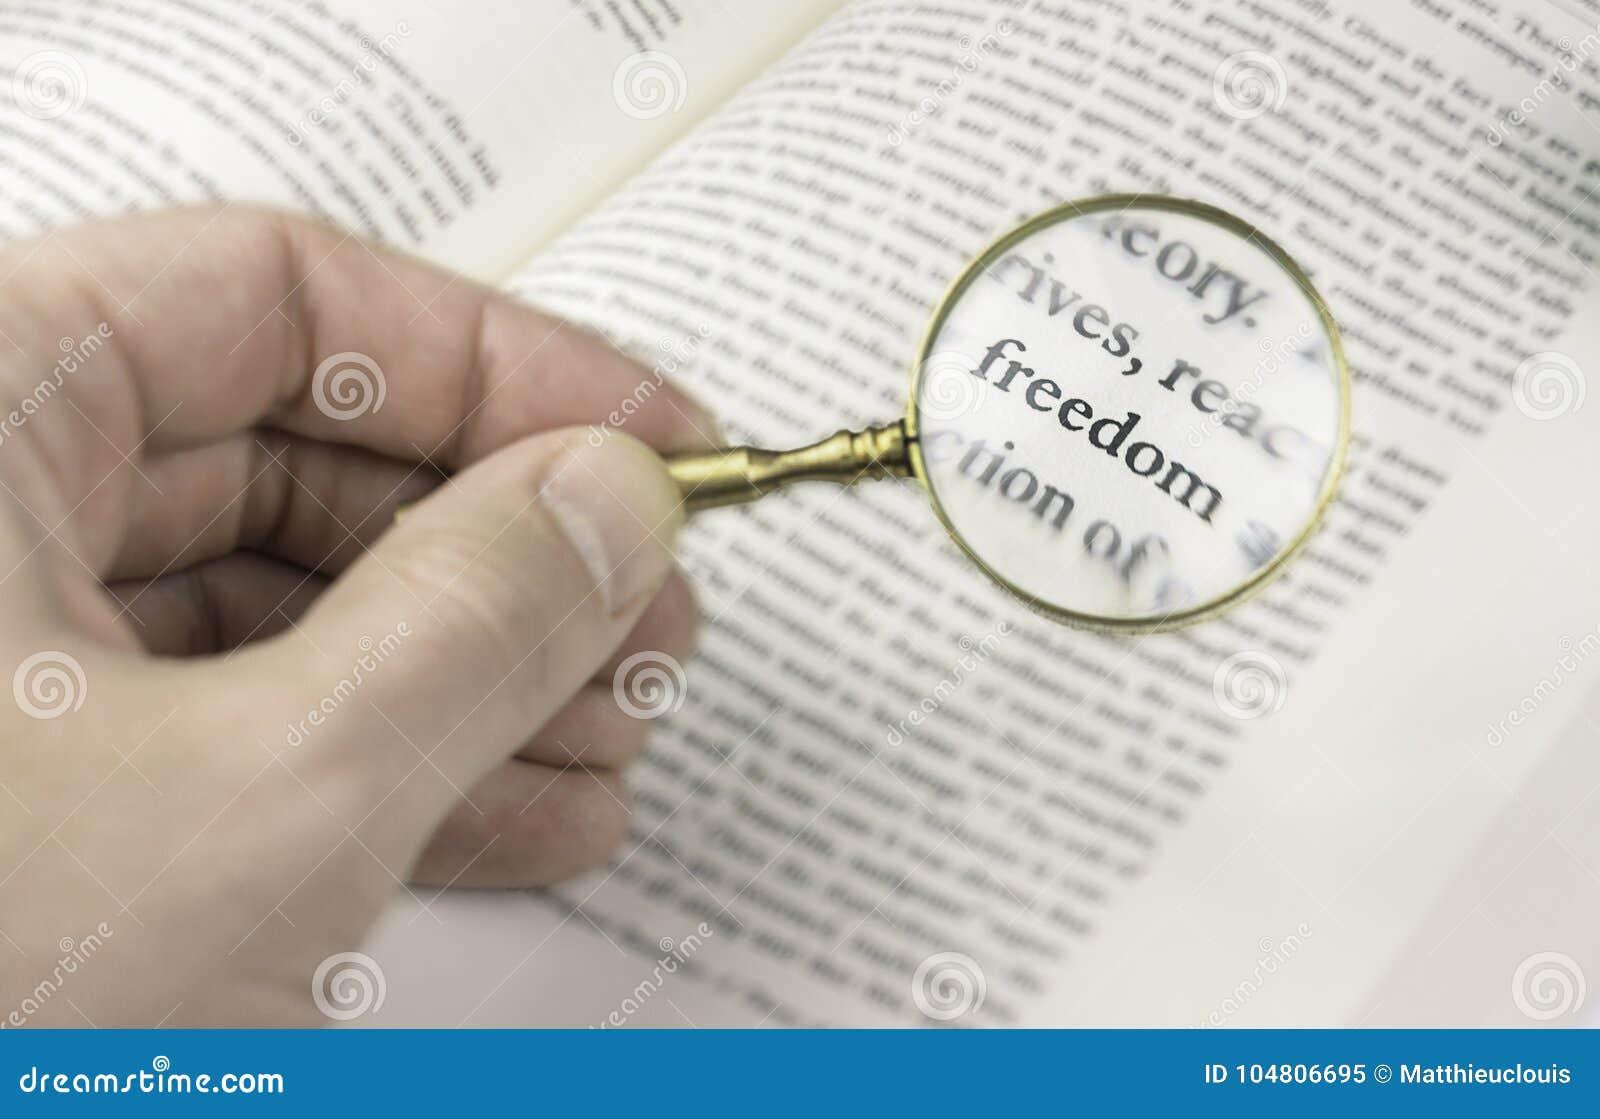 La libertà di parola colta tramite una lente d ingrandimento